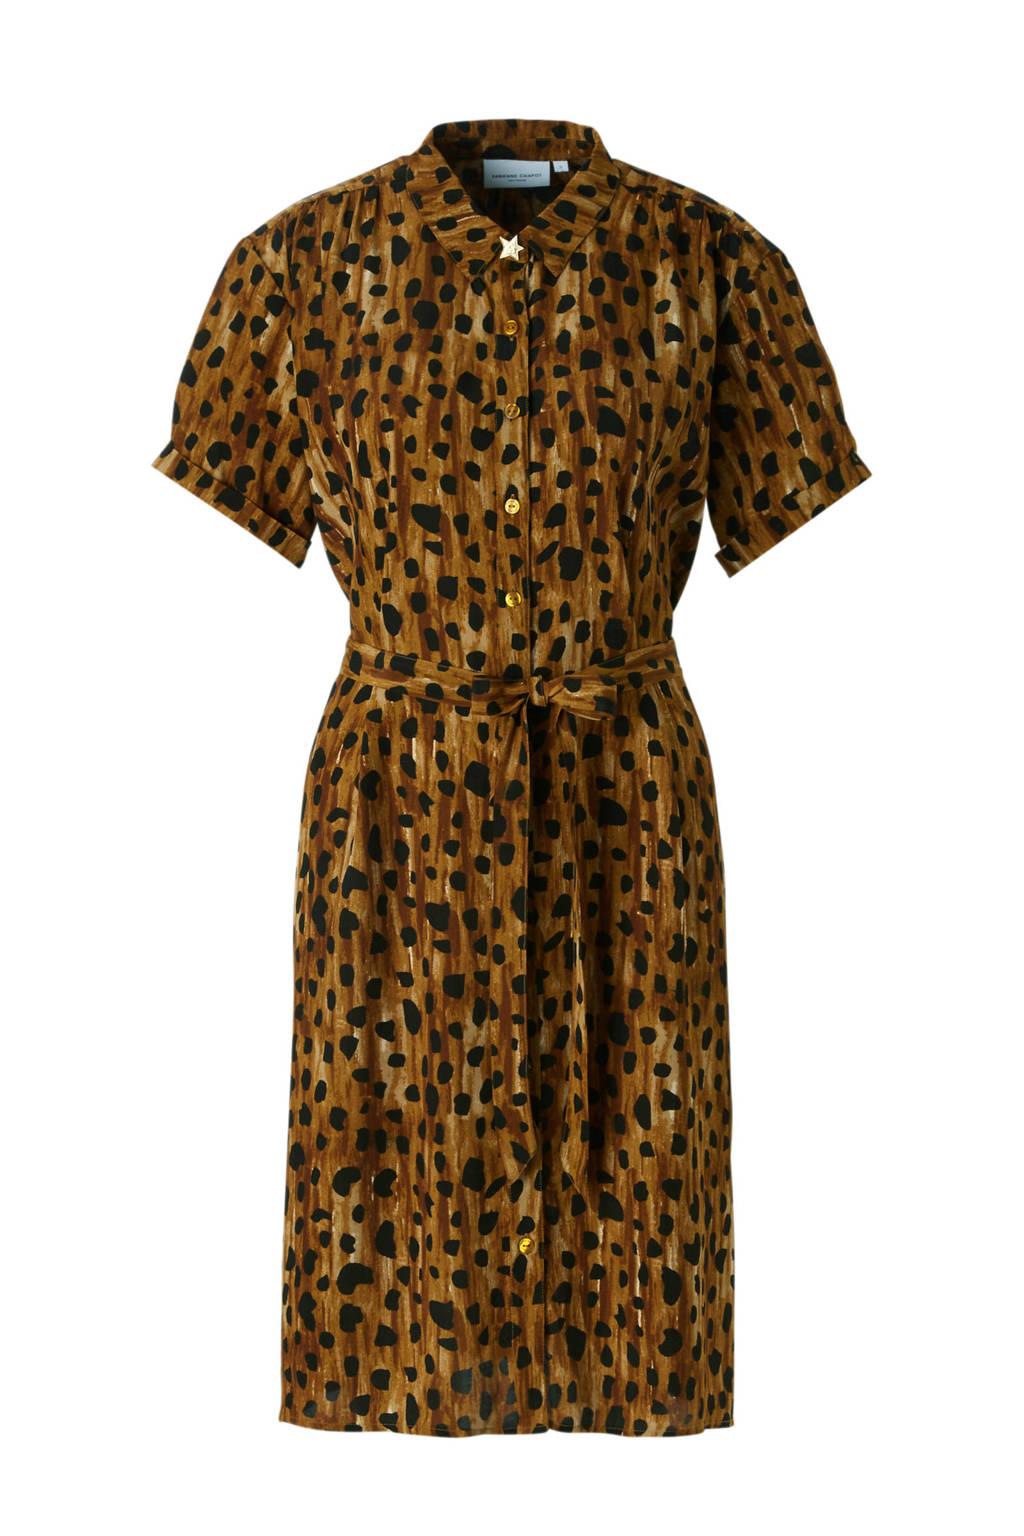 Fabienne Chapot Boyfriend jurk met cheetah print, Bruin/zwart